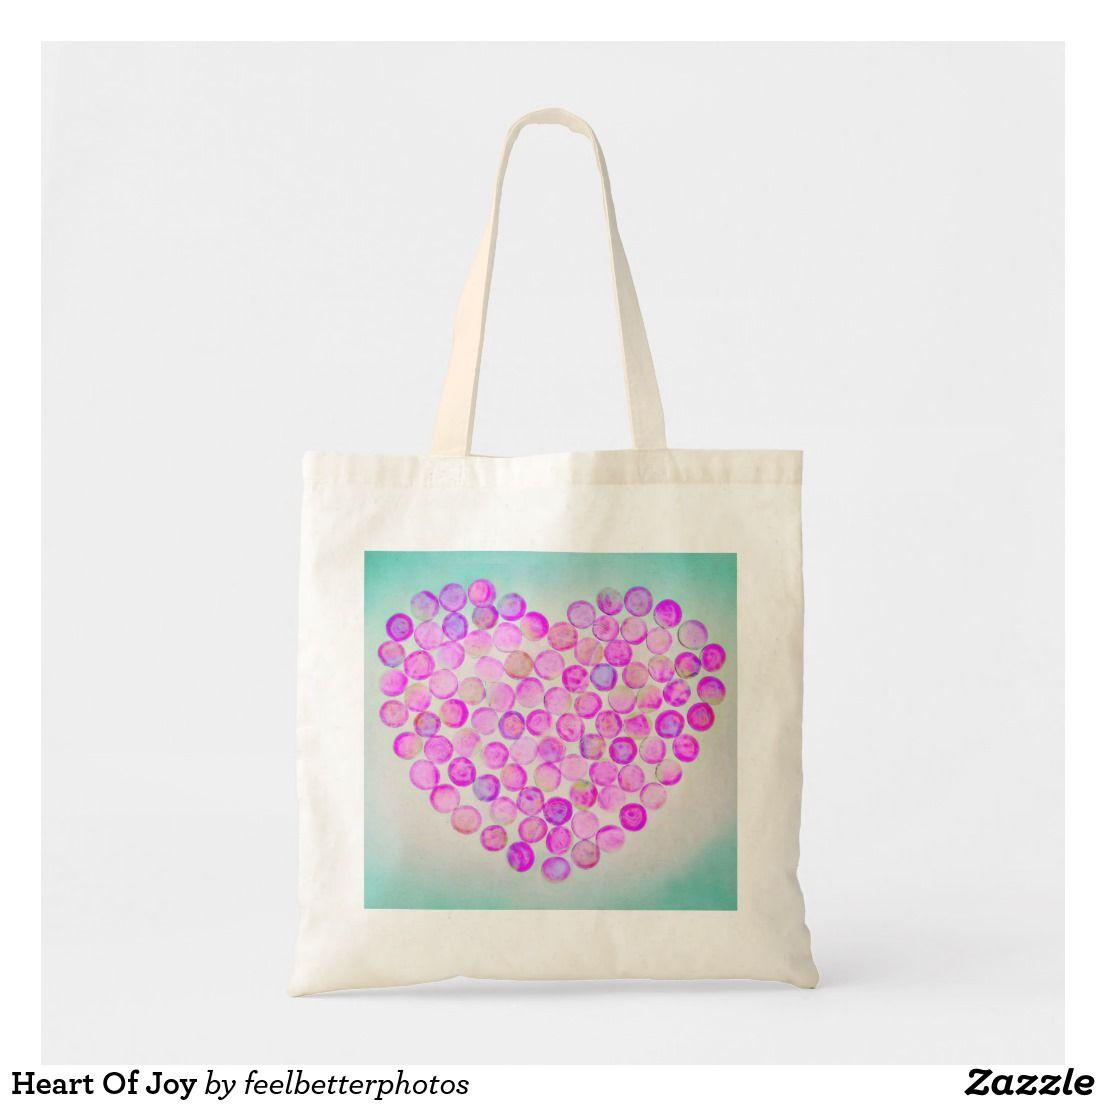 Heart Of Joy Tote Bag | Zazzle com in 2019 | Unique Gift